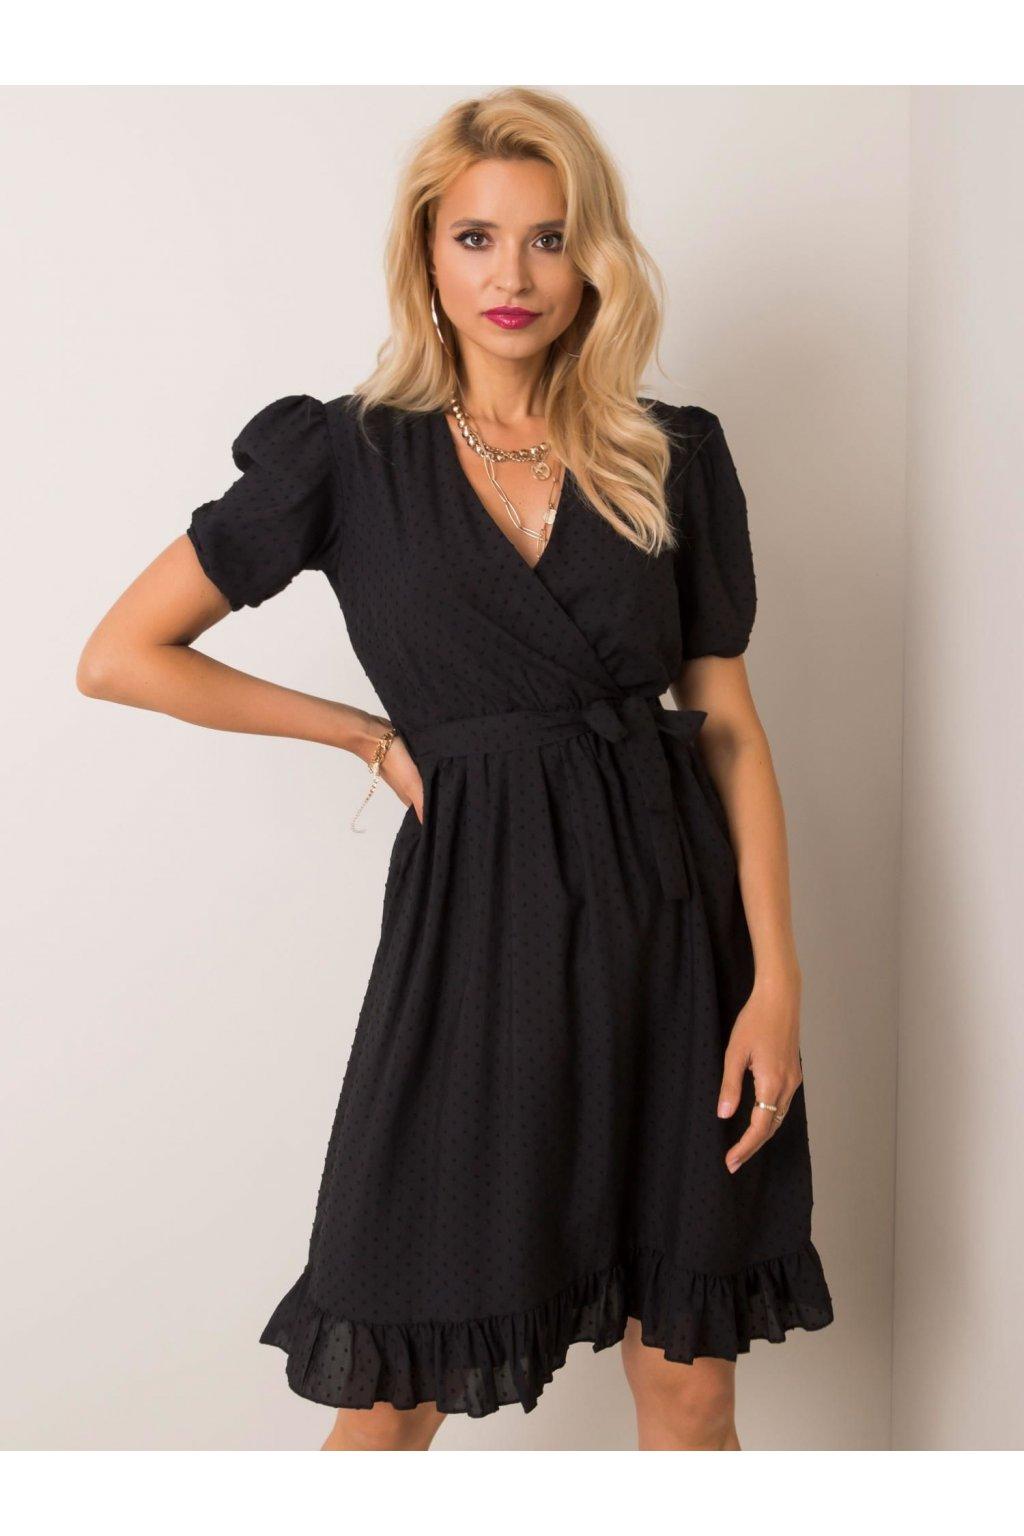 pol pl Czarna sukienka Colette RUE PARIS 352106 1